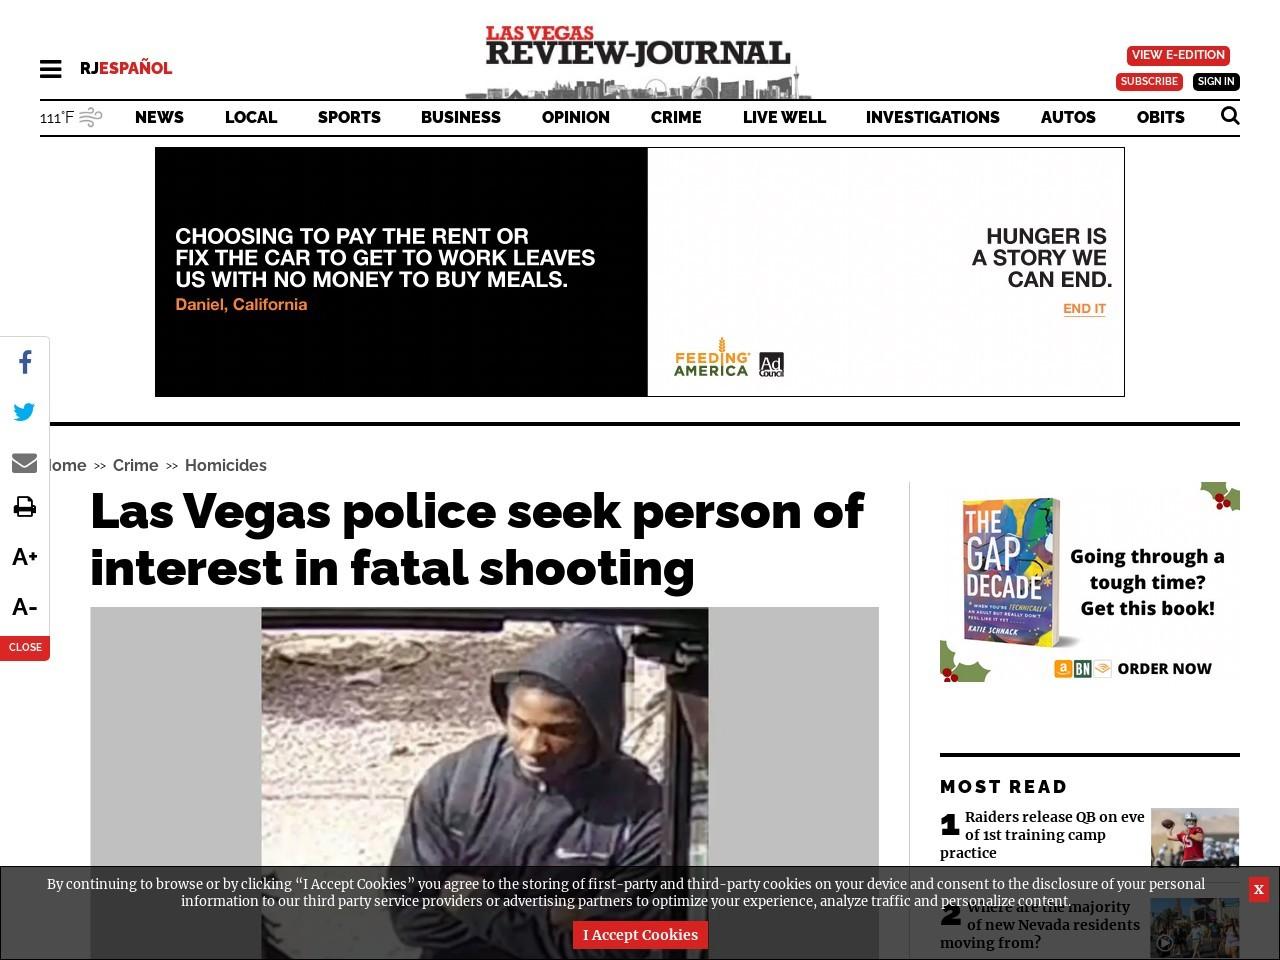 Las Vegas police seek person of interest in fatal shooting